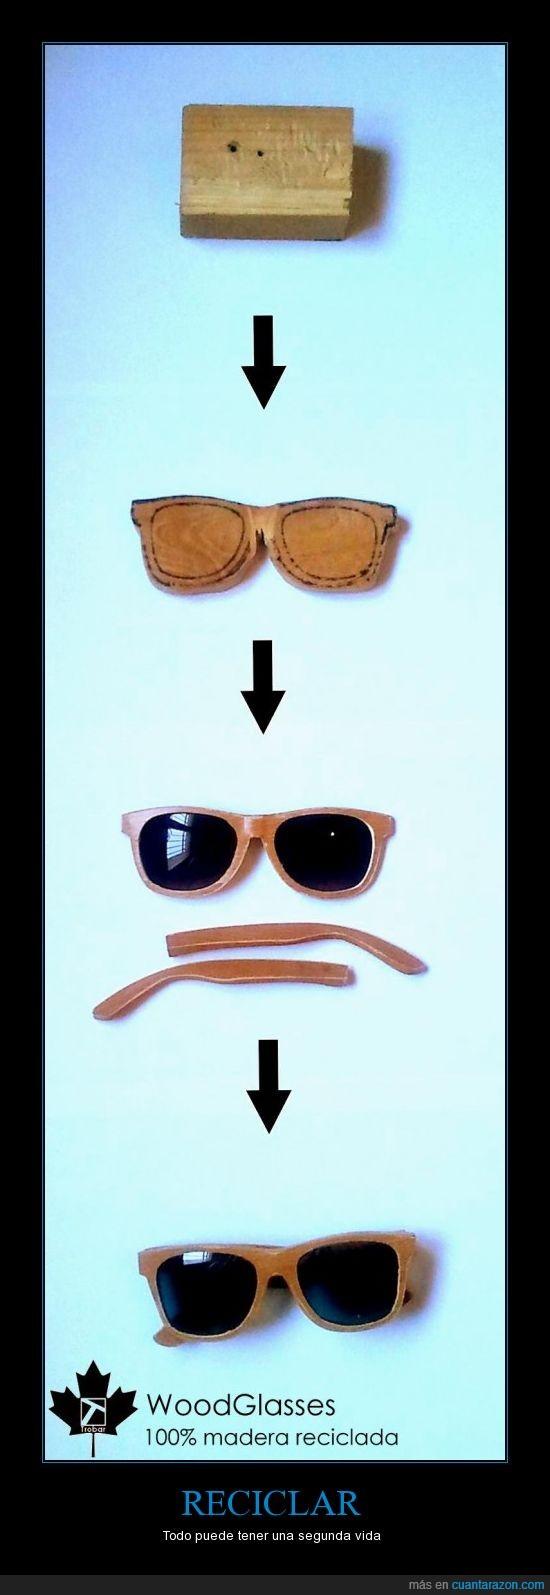 Gafas,Madera,reciclaje,Reciclar,retro,wayfarer